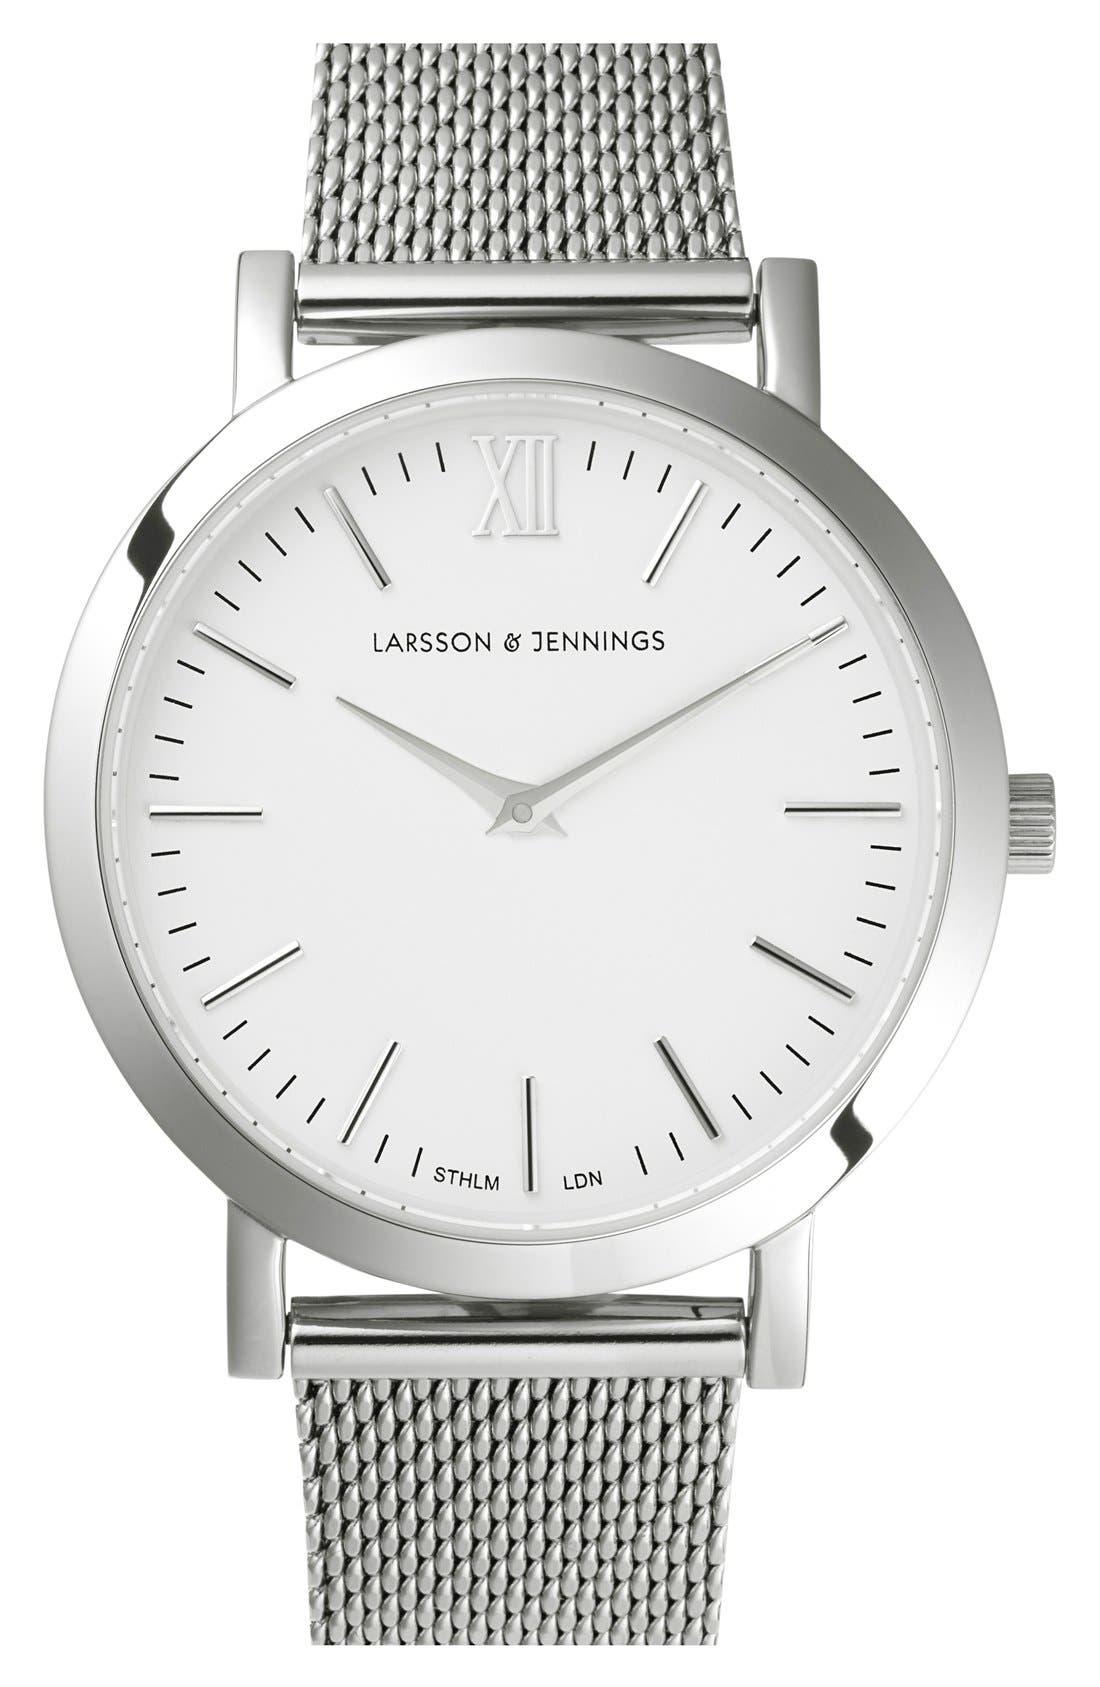 Larsson & Jennings 'Lugano' Mesh Strap Watch, 33mm